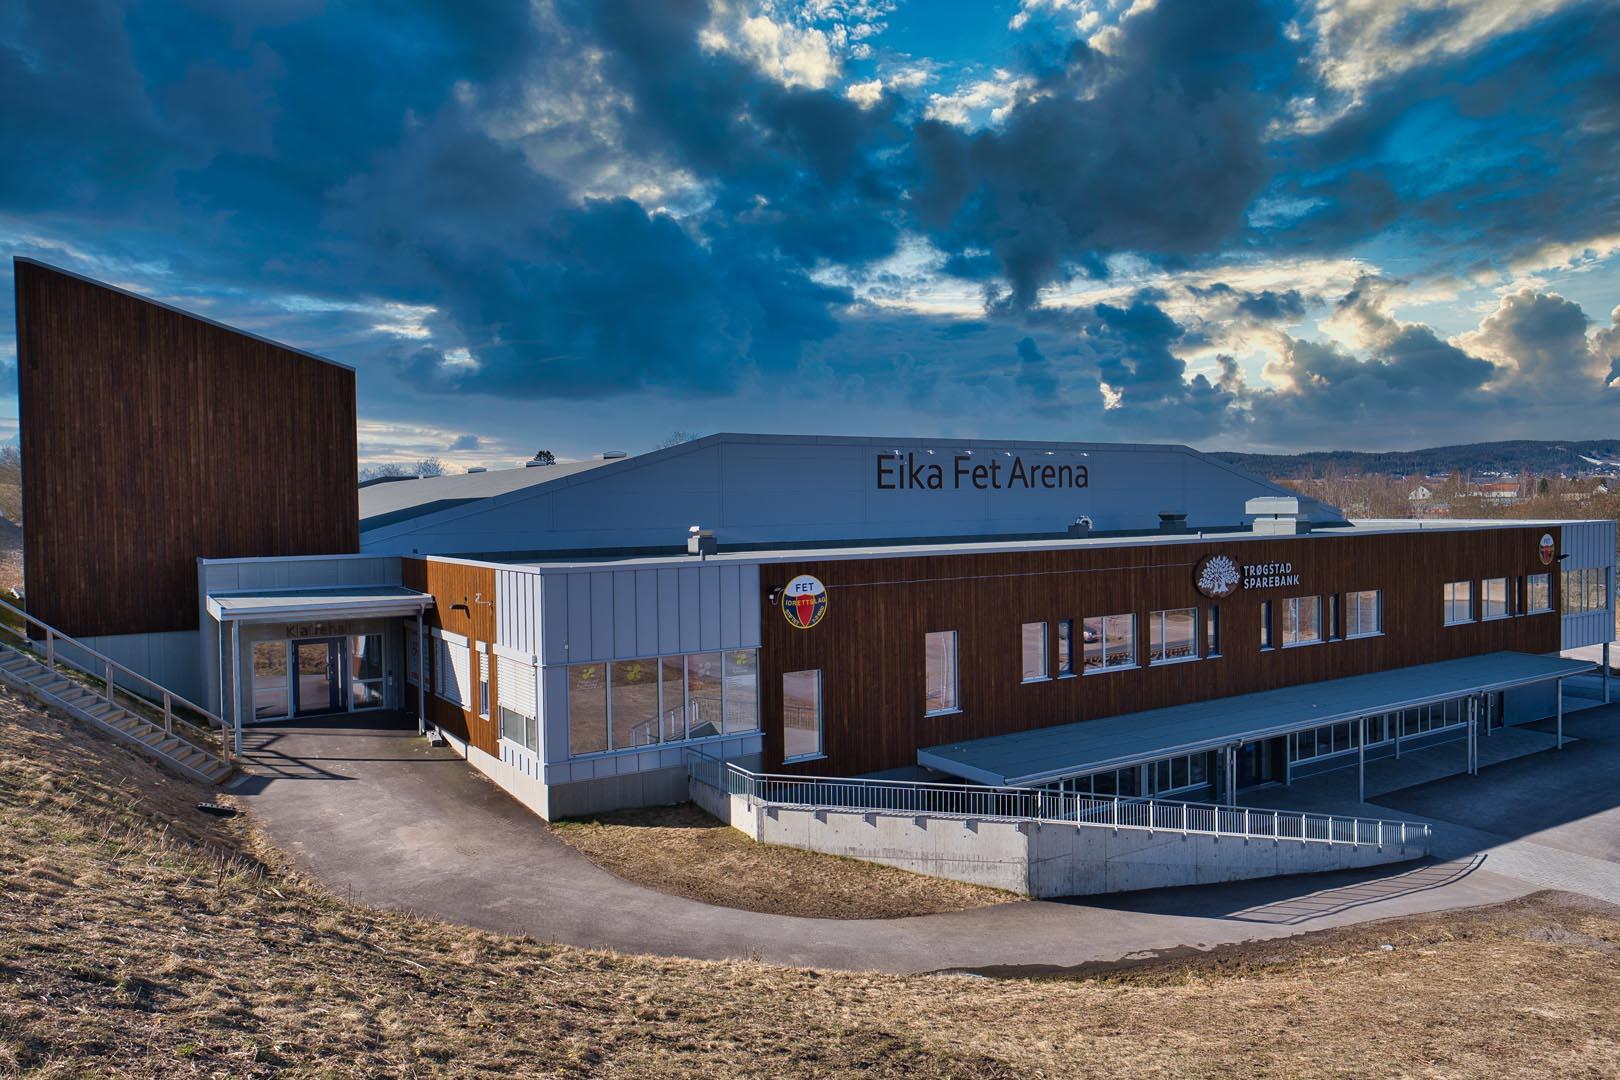 Eika Fet Arena